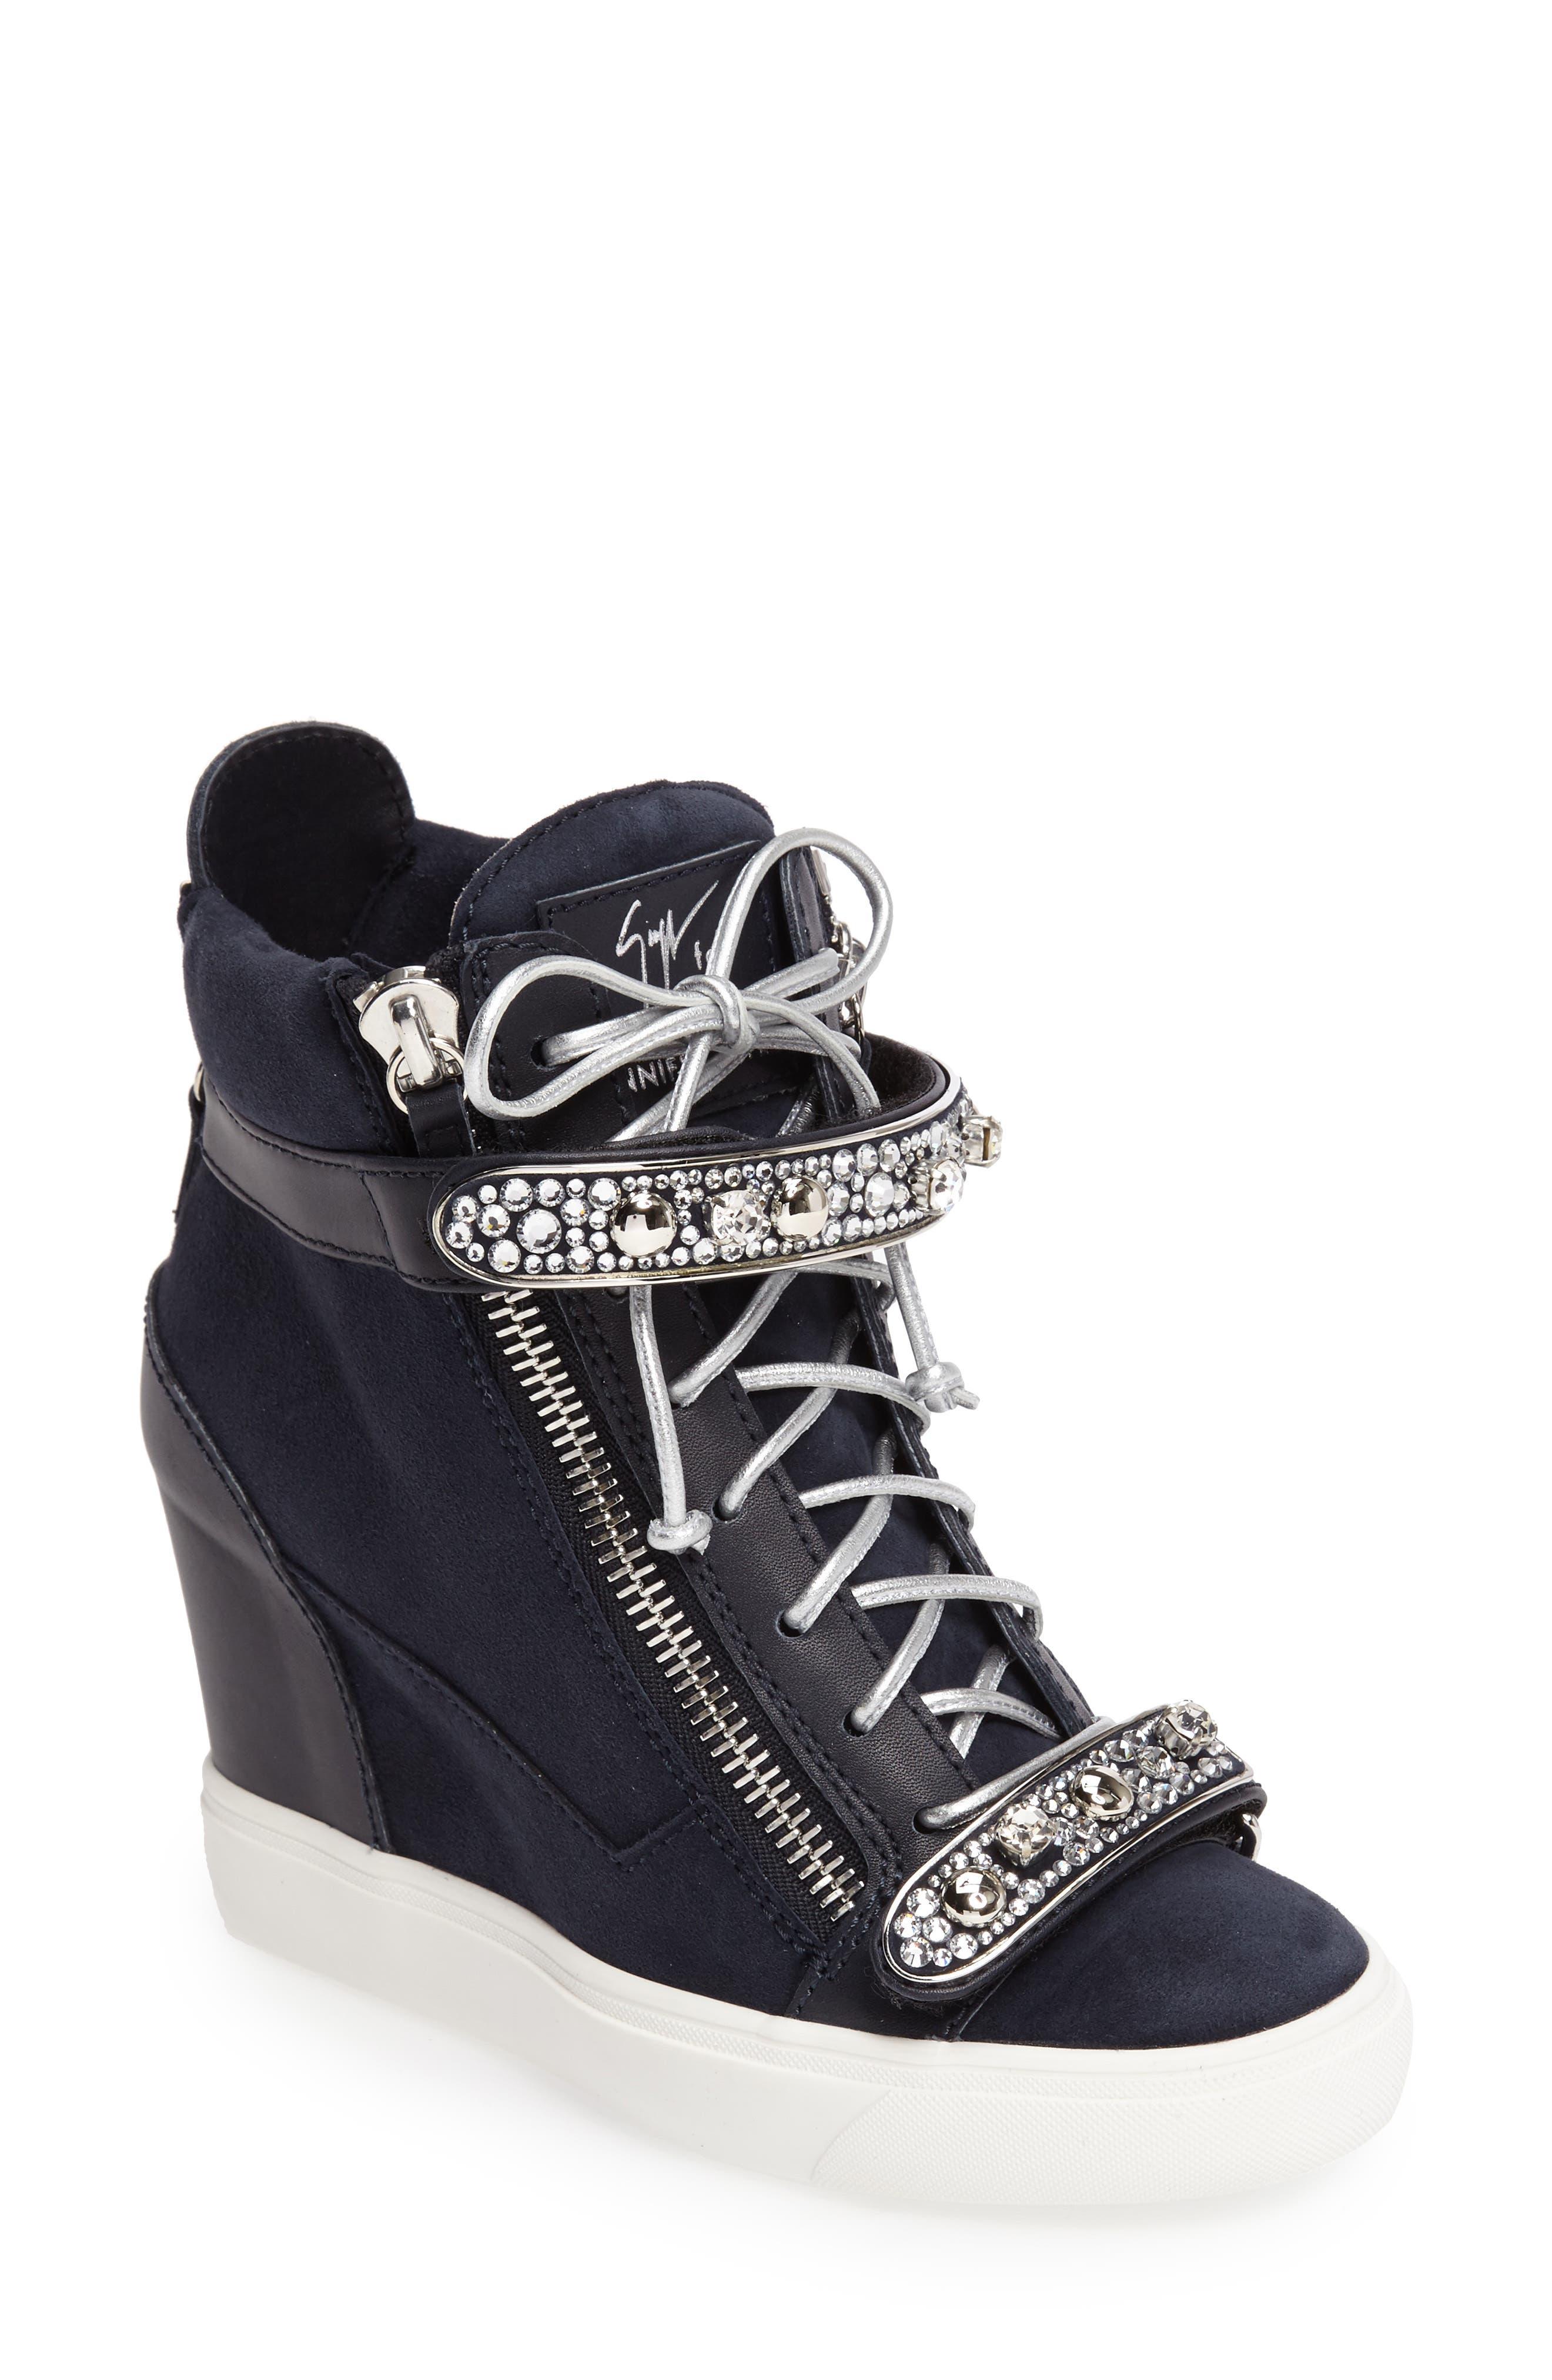 Main Image - Giuseppe for Jennifer Lopez Tiana Hidden Wedge Sneaker (Women)